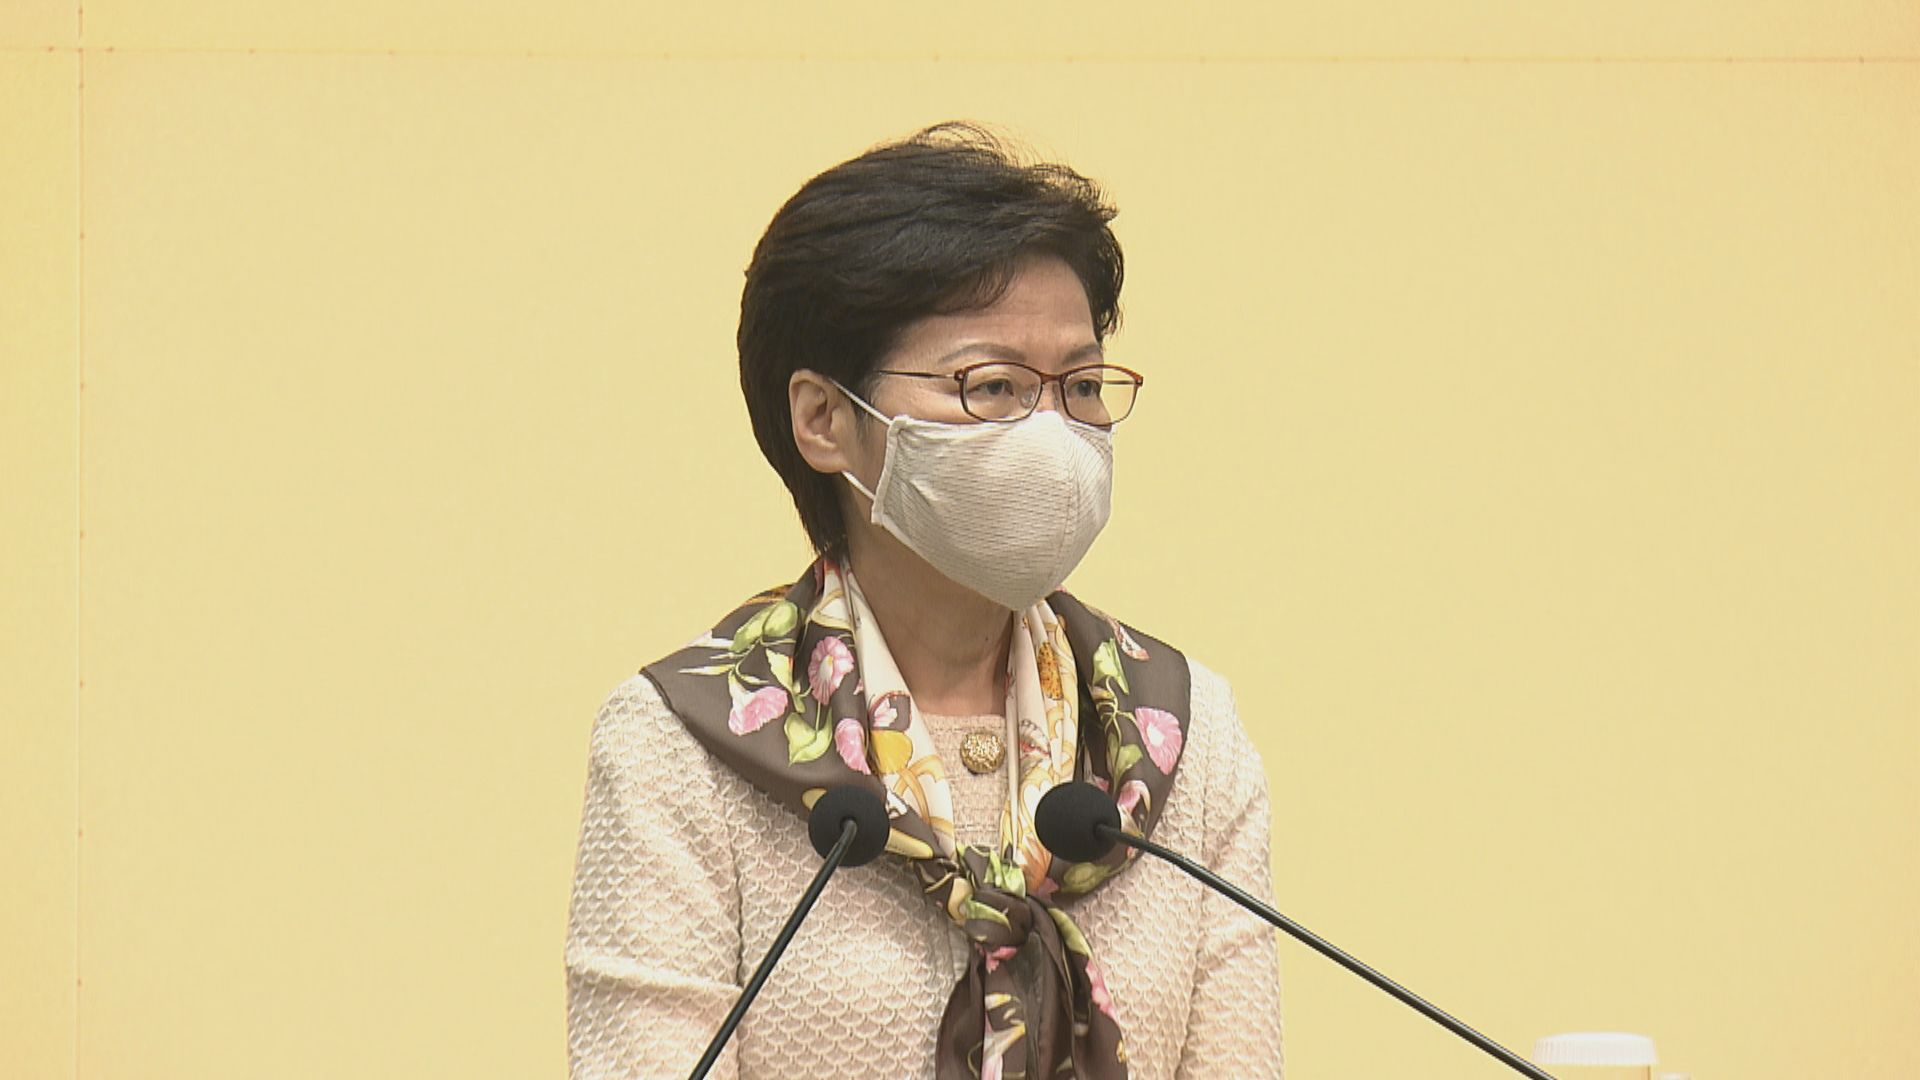 【最新】林鄭:是否對華大基因作懲罰需視乎會否影響本港抗疫能力